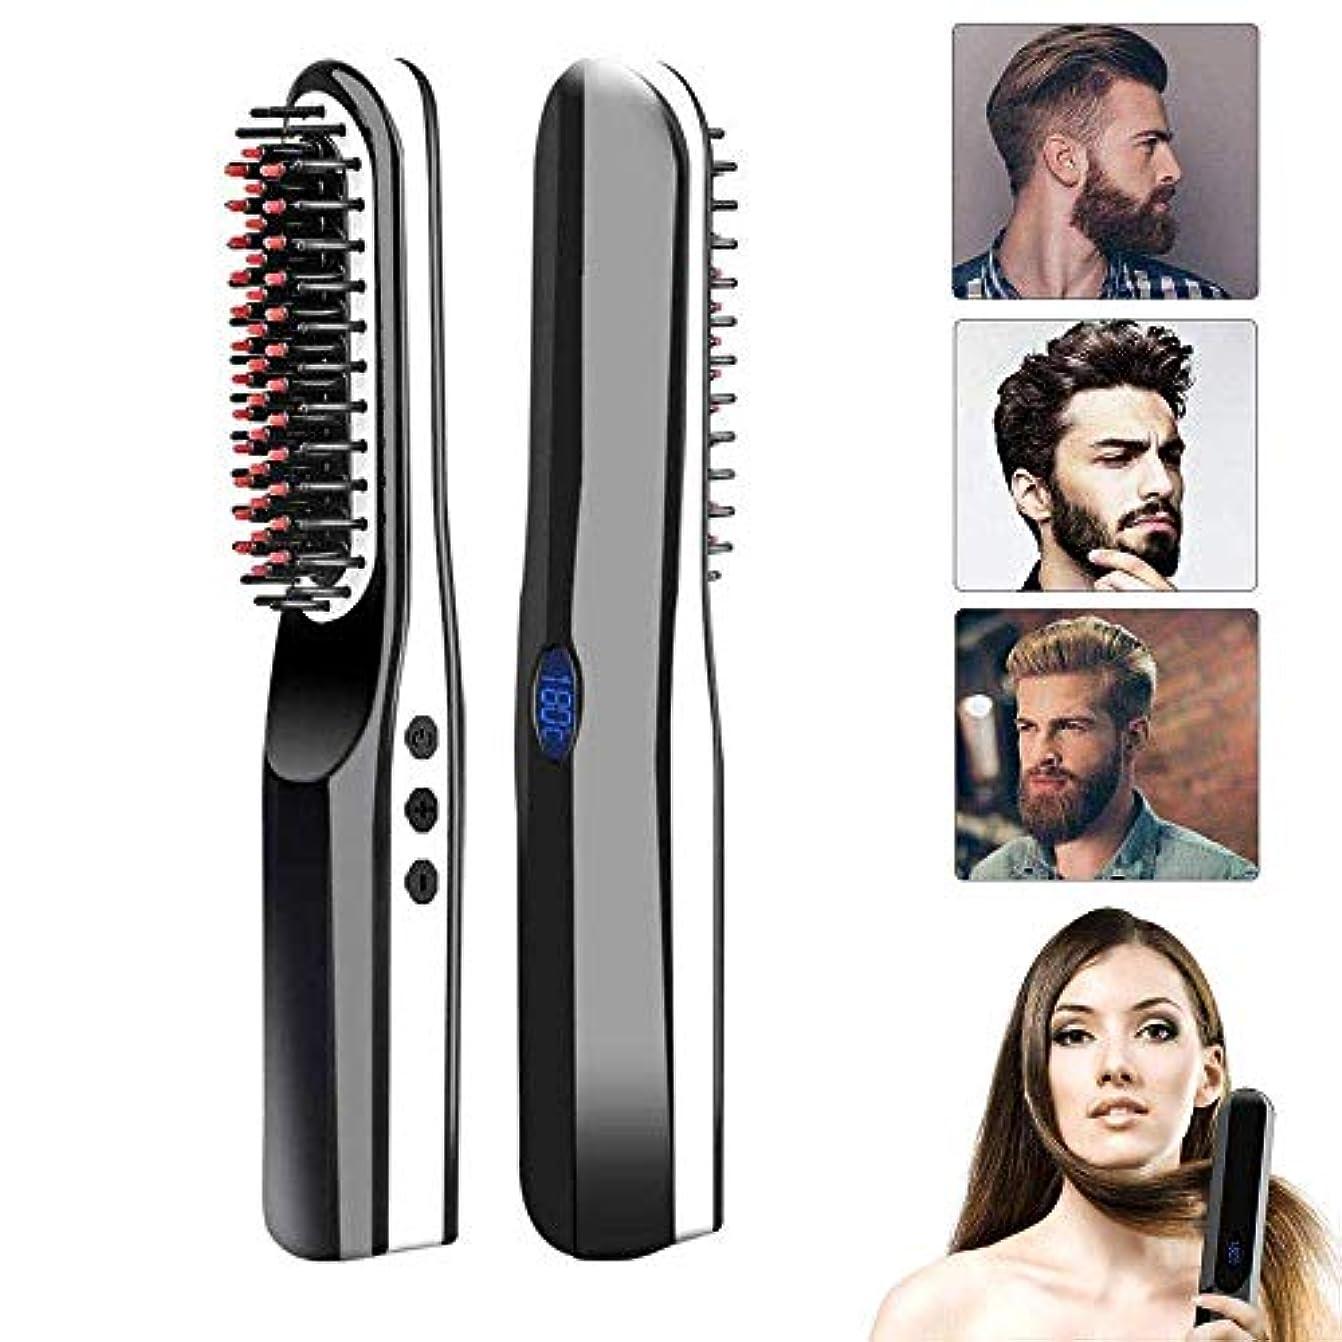 山ベーシック何かコードレスアンチスカルド自動で毛矯正ブラシ旅行/家、男性の女性のための1の2つの多機能の毛の櫛のカーリングアイロン